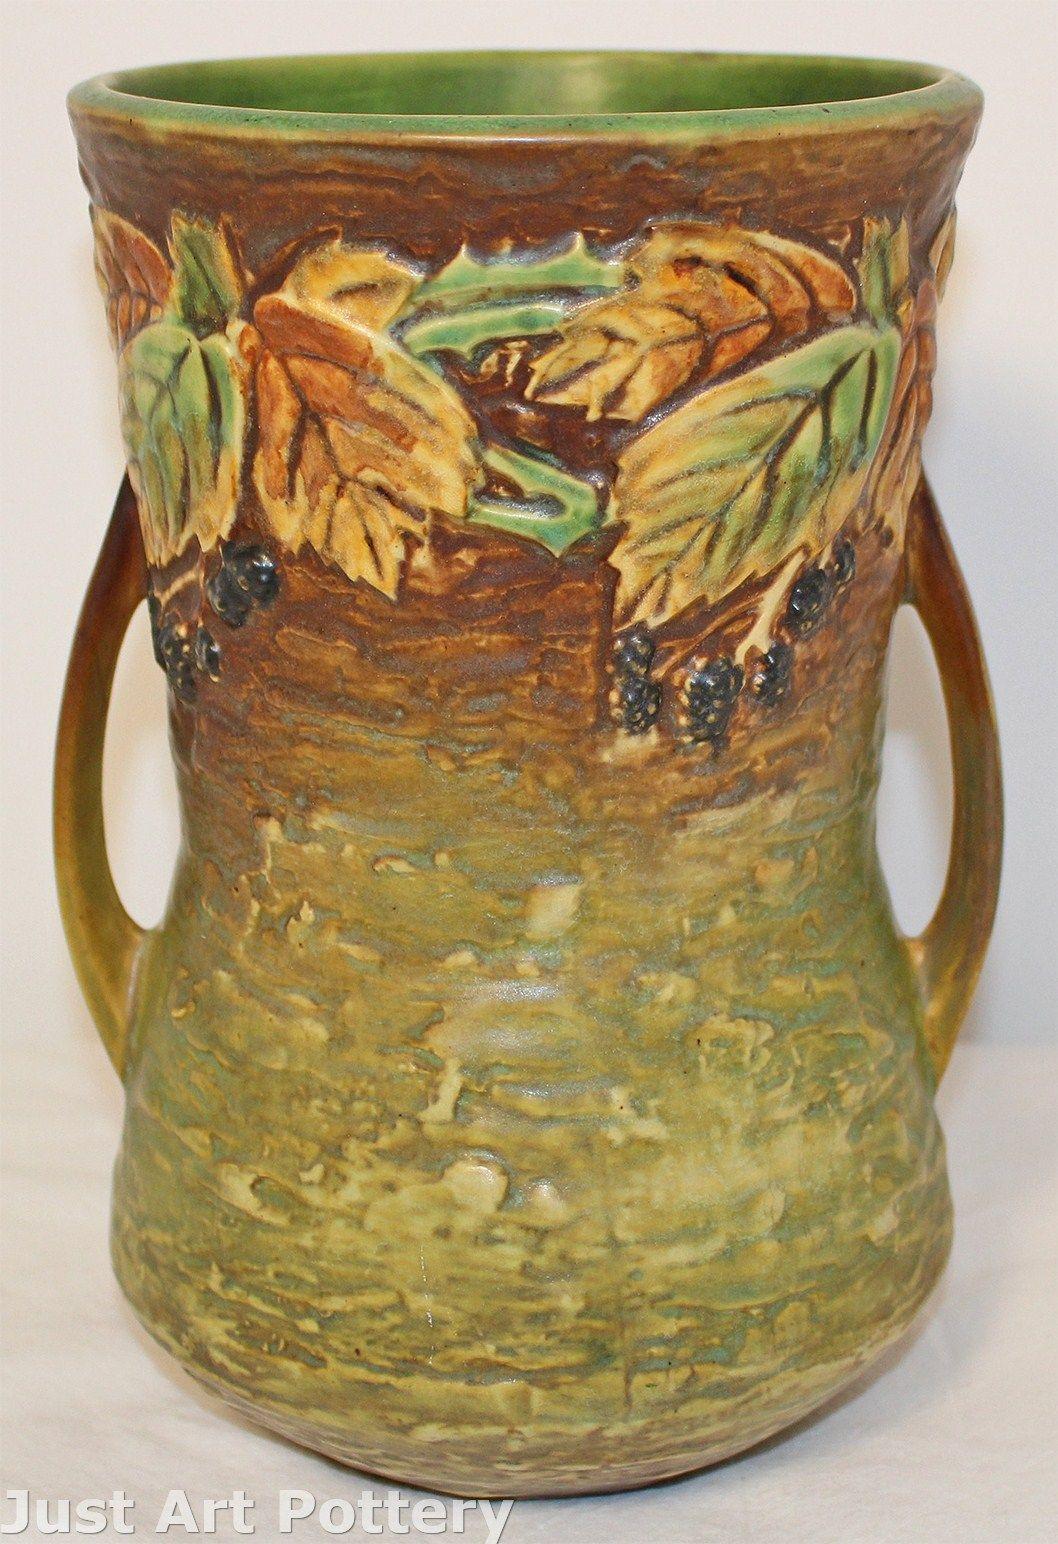 roseville pottery green vase of roseville pottery blackberry basket 334 6 from just art po throughout penchant for pottery a— roseville pottery blackberry vase 577 10 from just art pottery